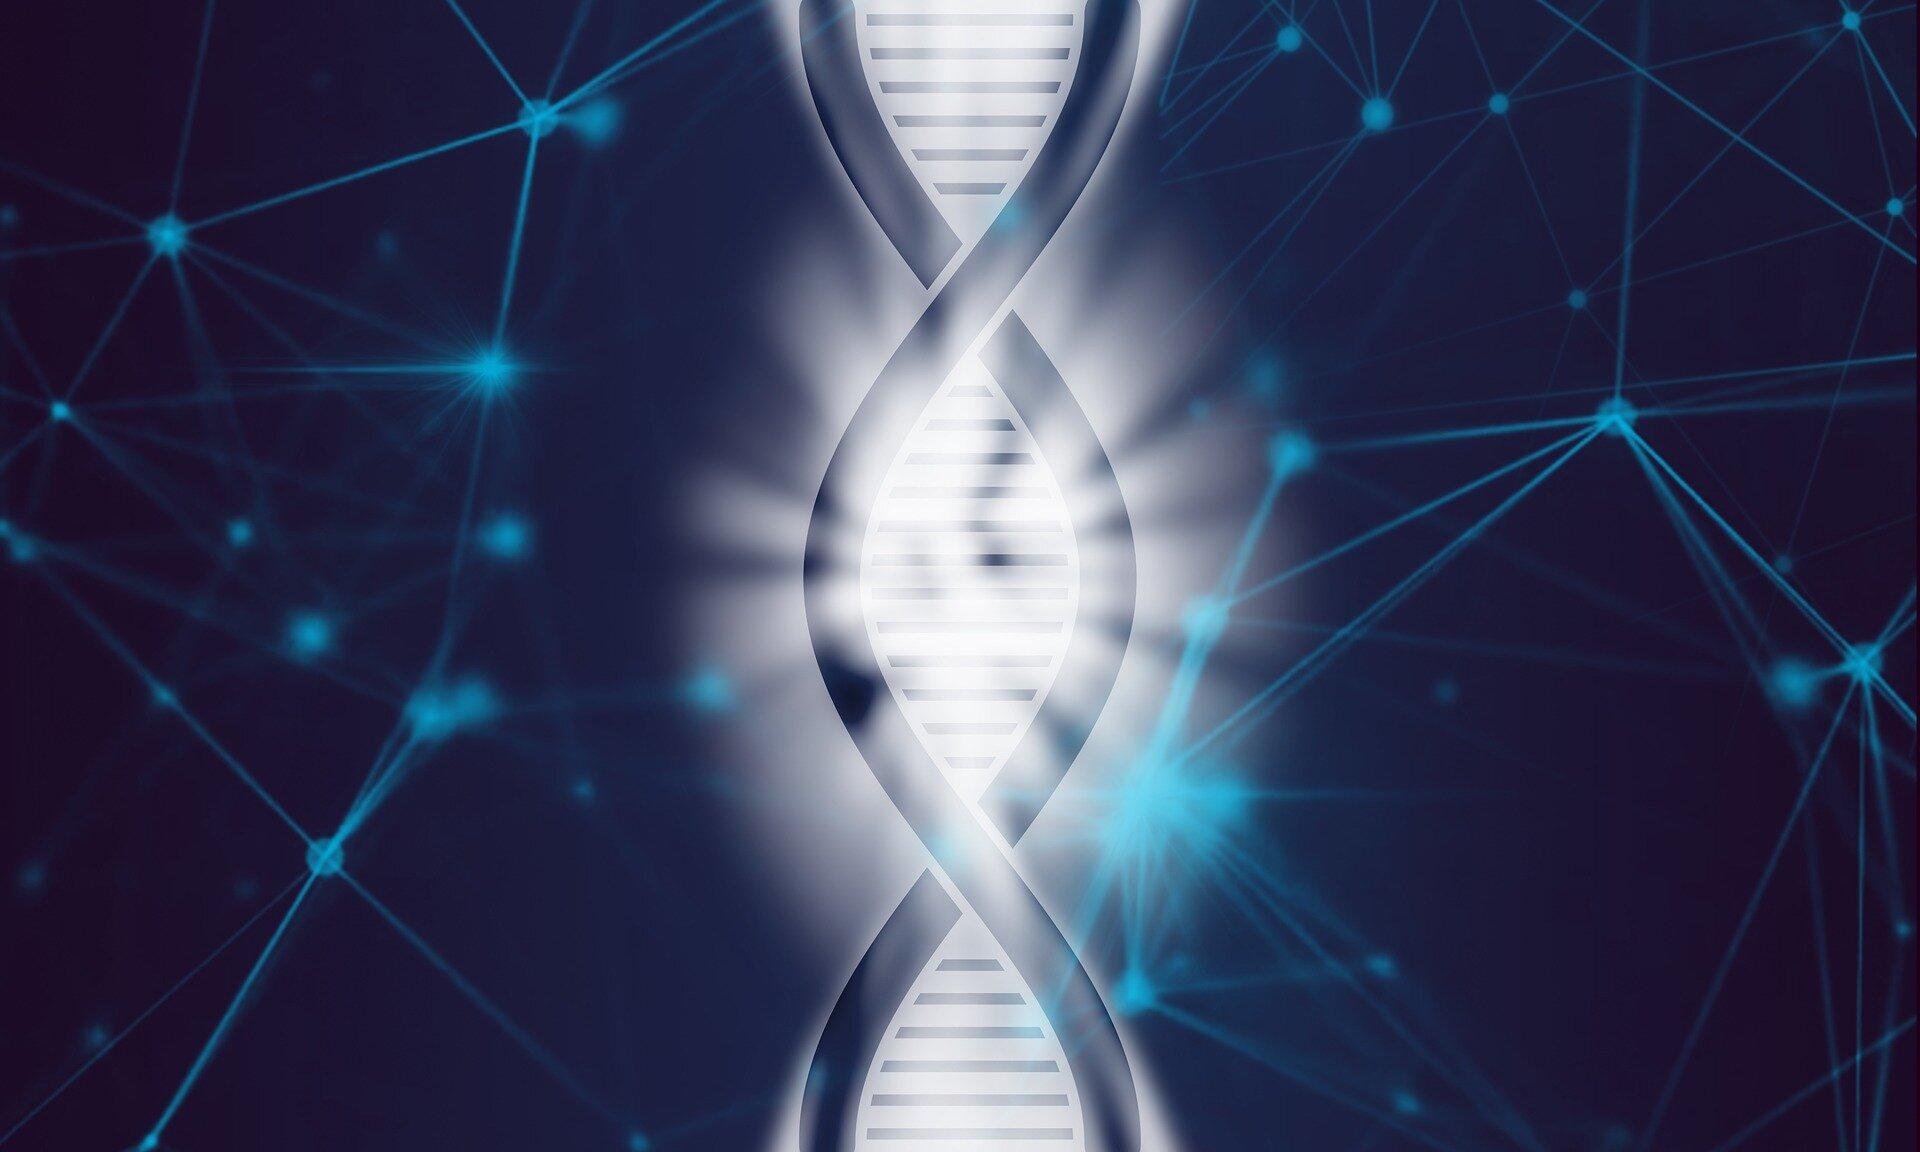 Wann sollte NHS-Kontakt Patienten über fehlerhafte Gene?